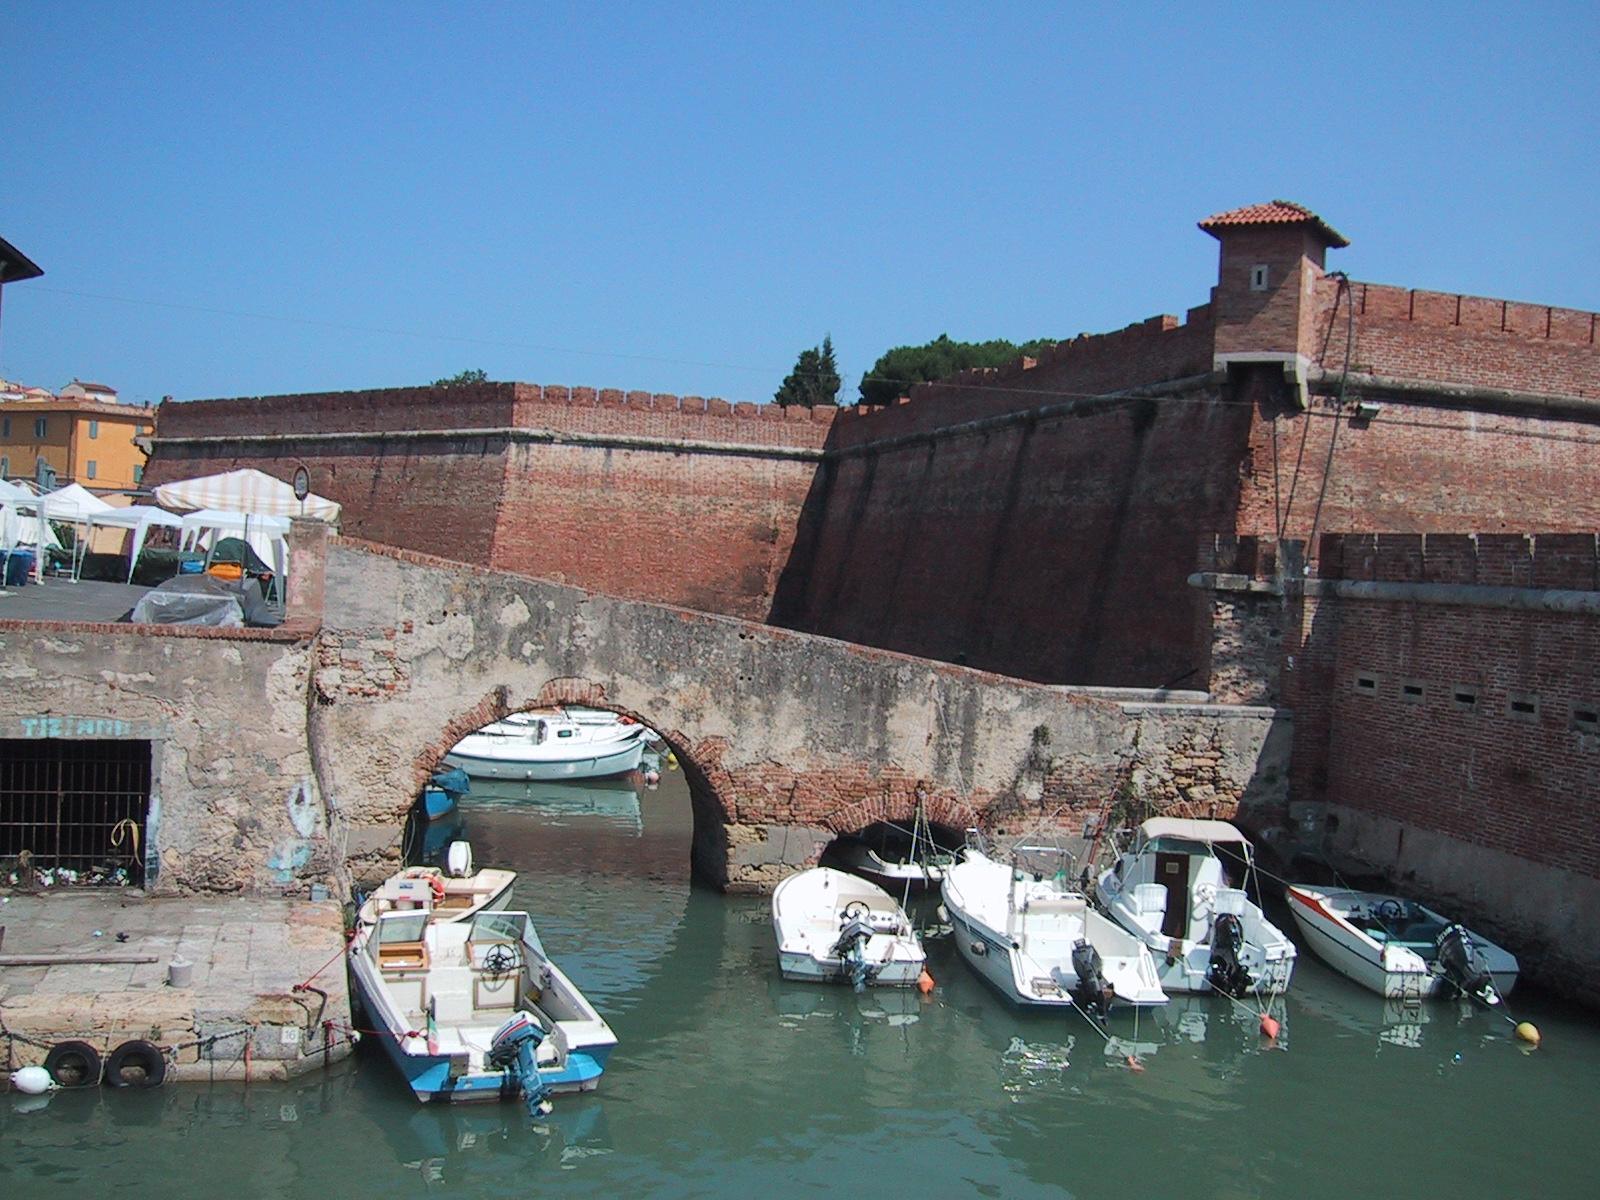 Effetto Venezia 2016 Livorno: Date e Programma Completo